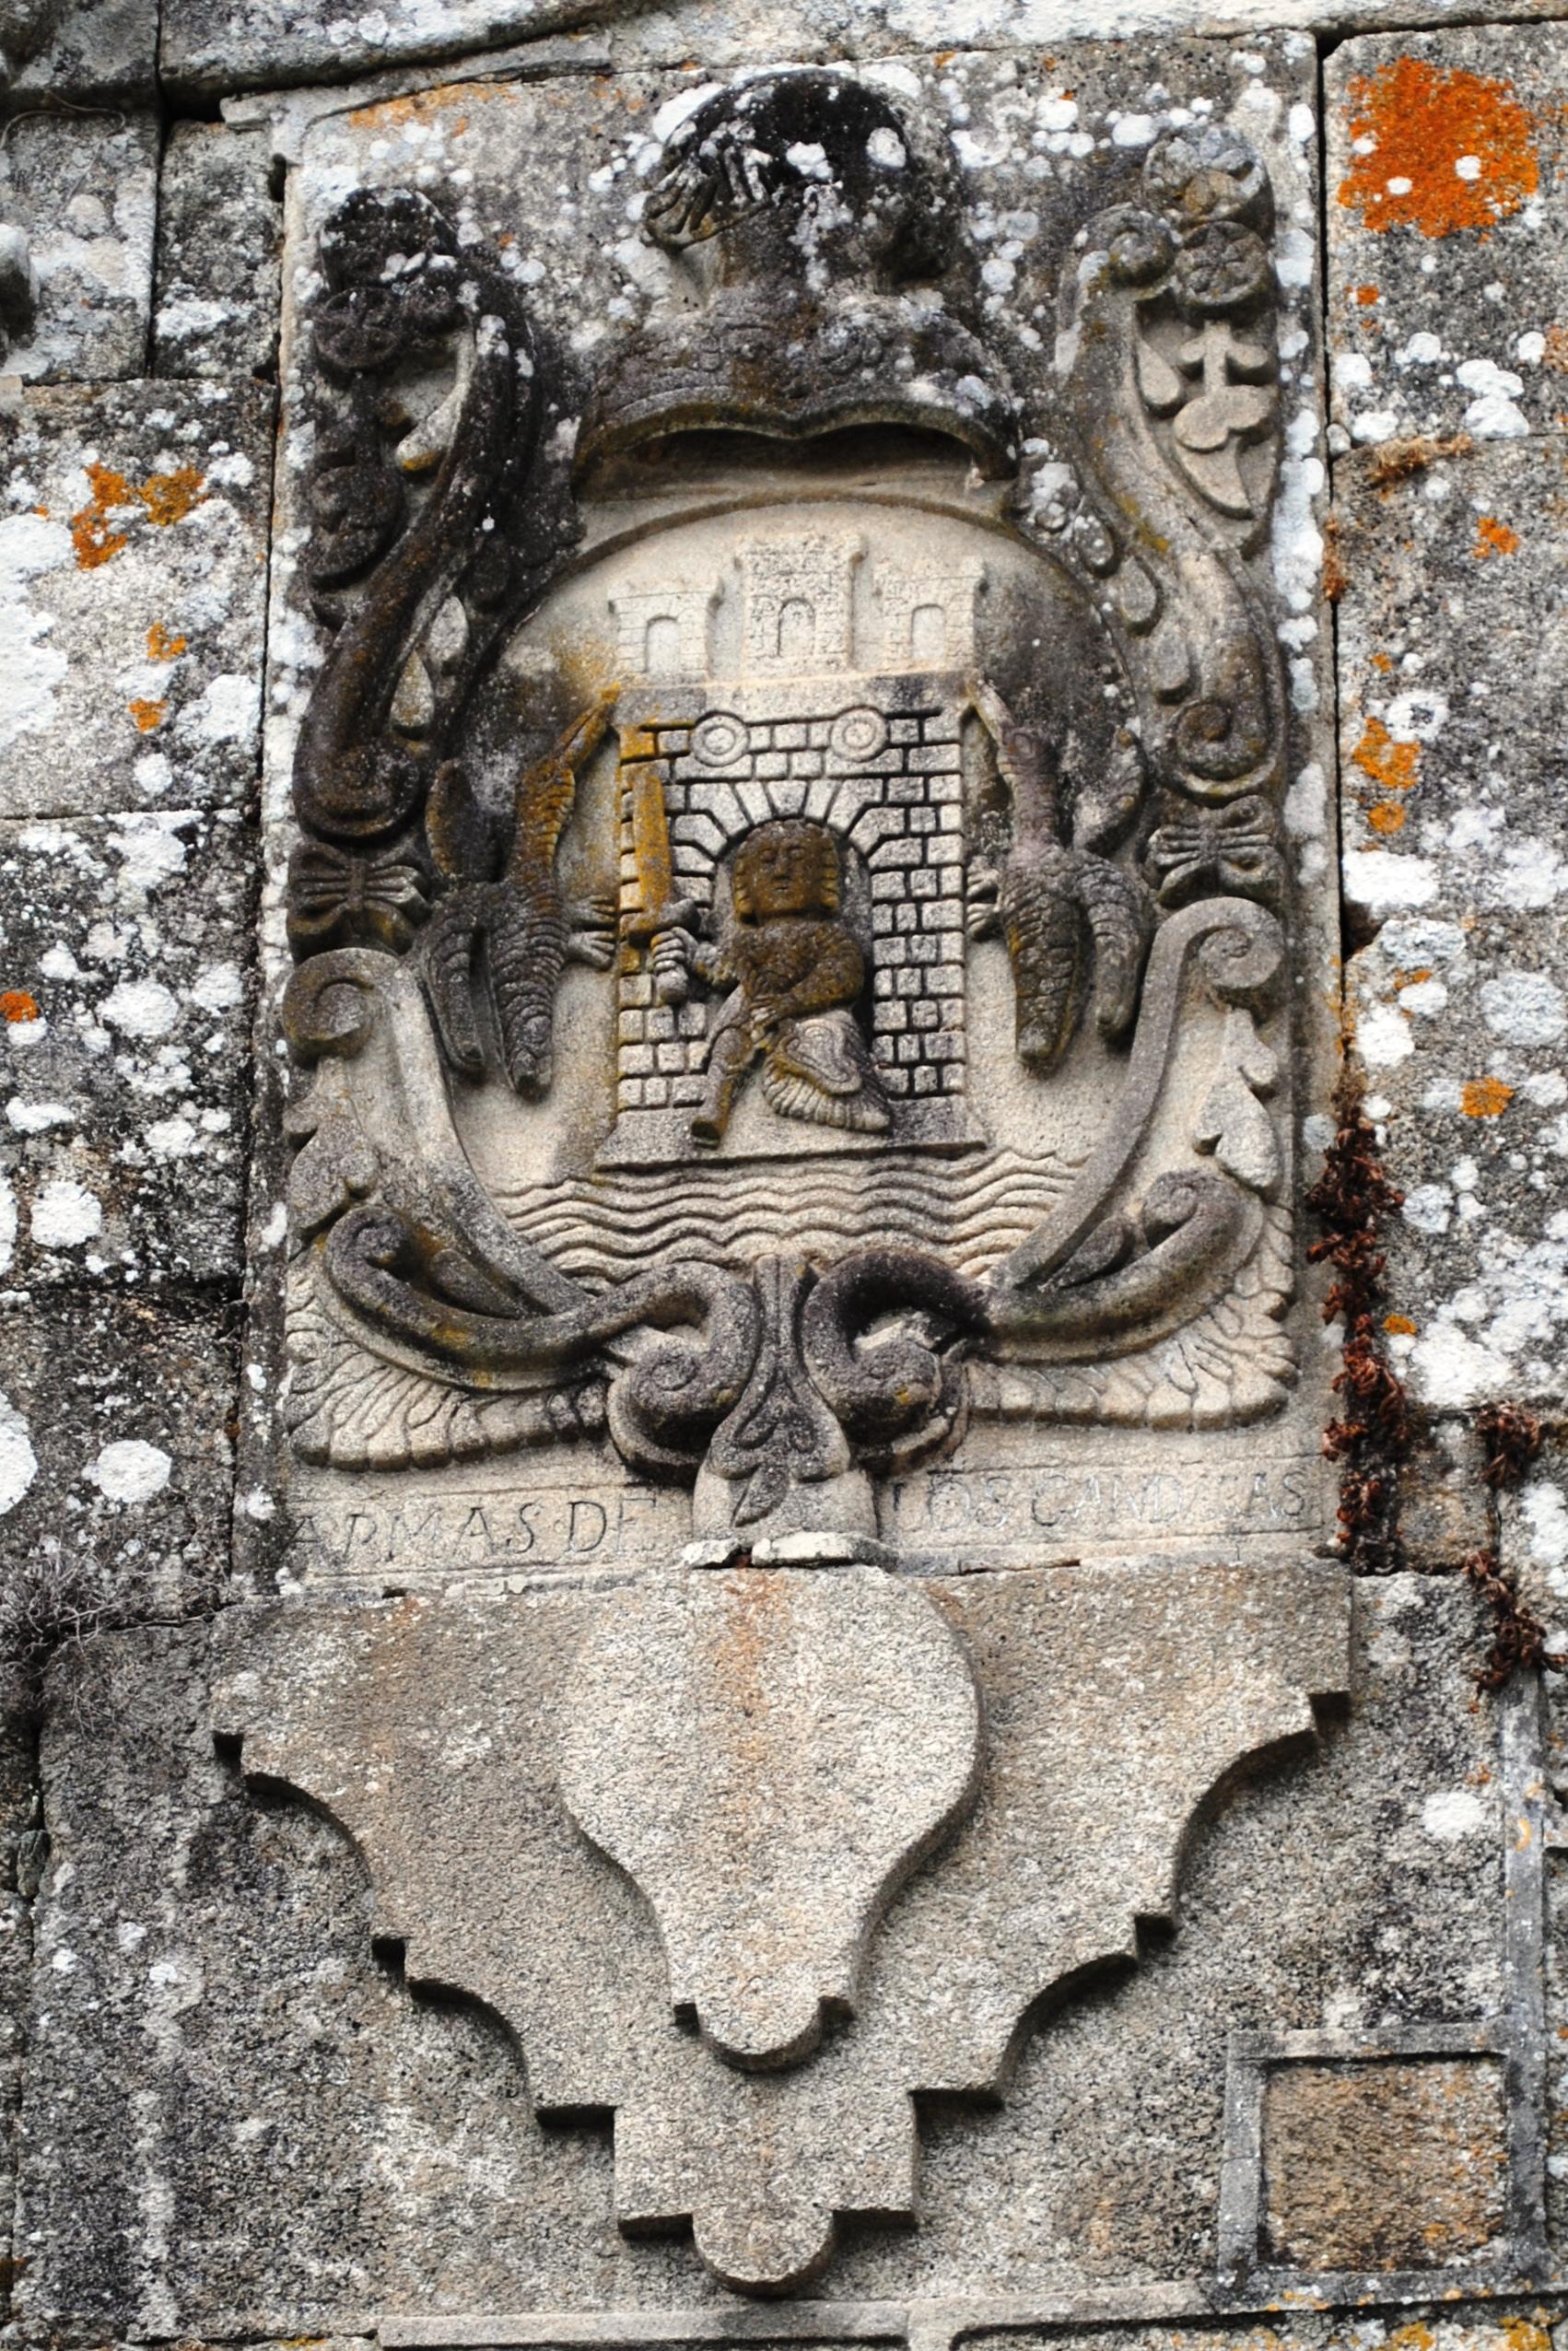 http://upload.wikimedia.org/wikipedia/commons/e/e1/Pazo_de_Cea%2C_escudo.jpg